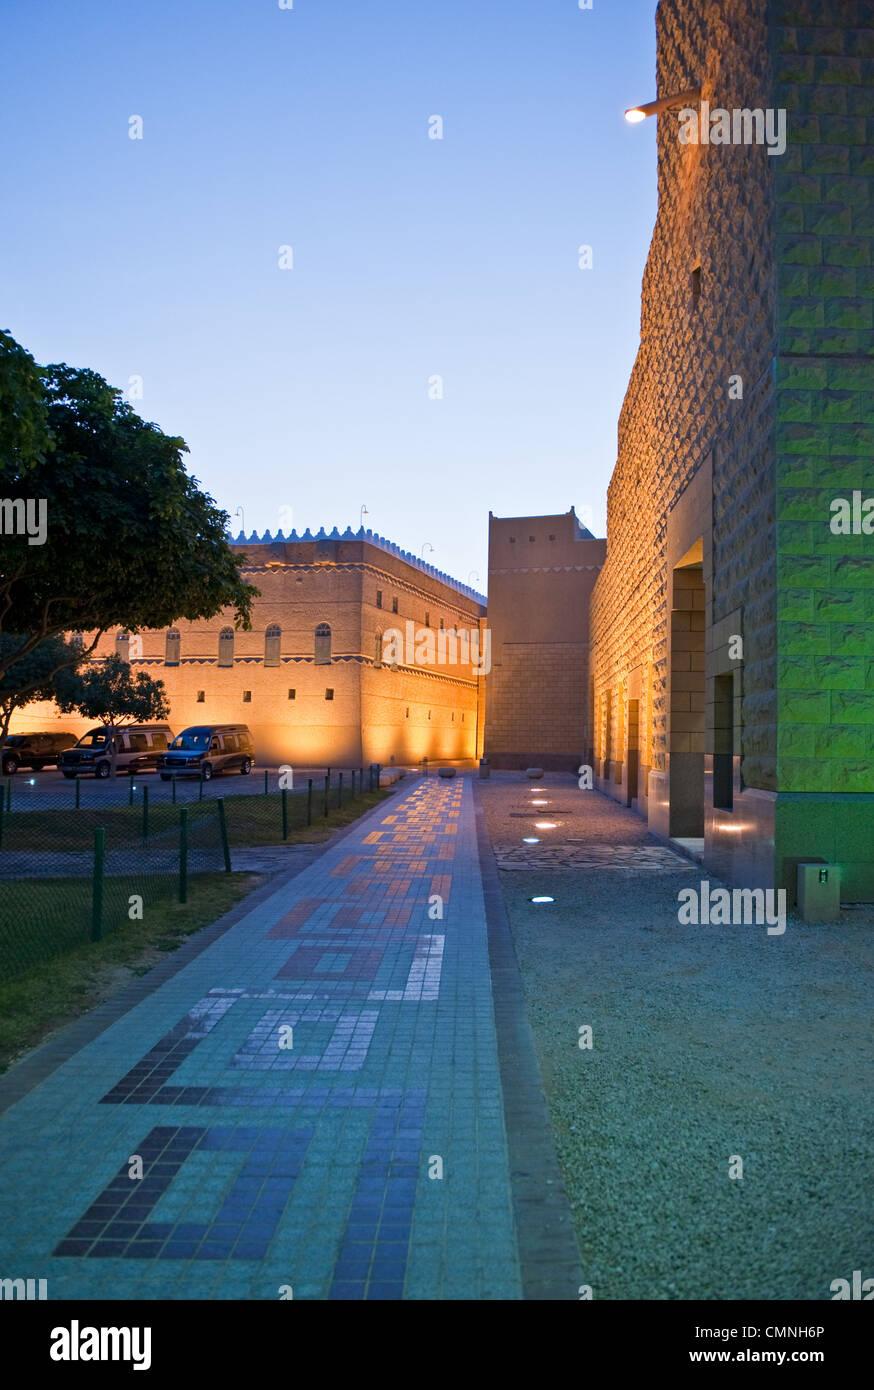 Asia Arabia Saudita Riad Murabba'a Palacio Imagen De Stock